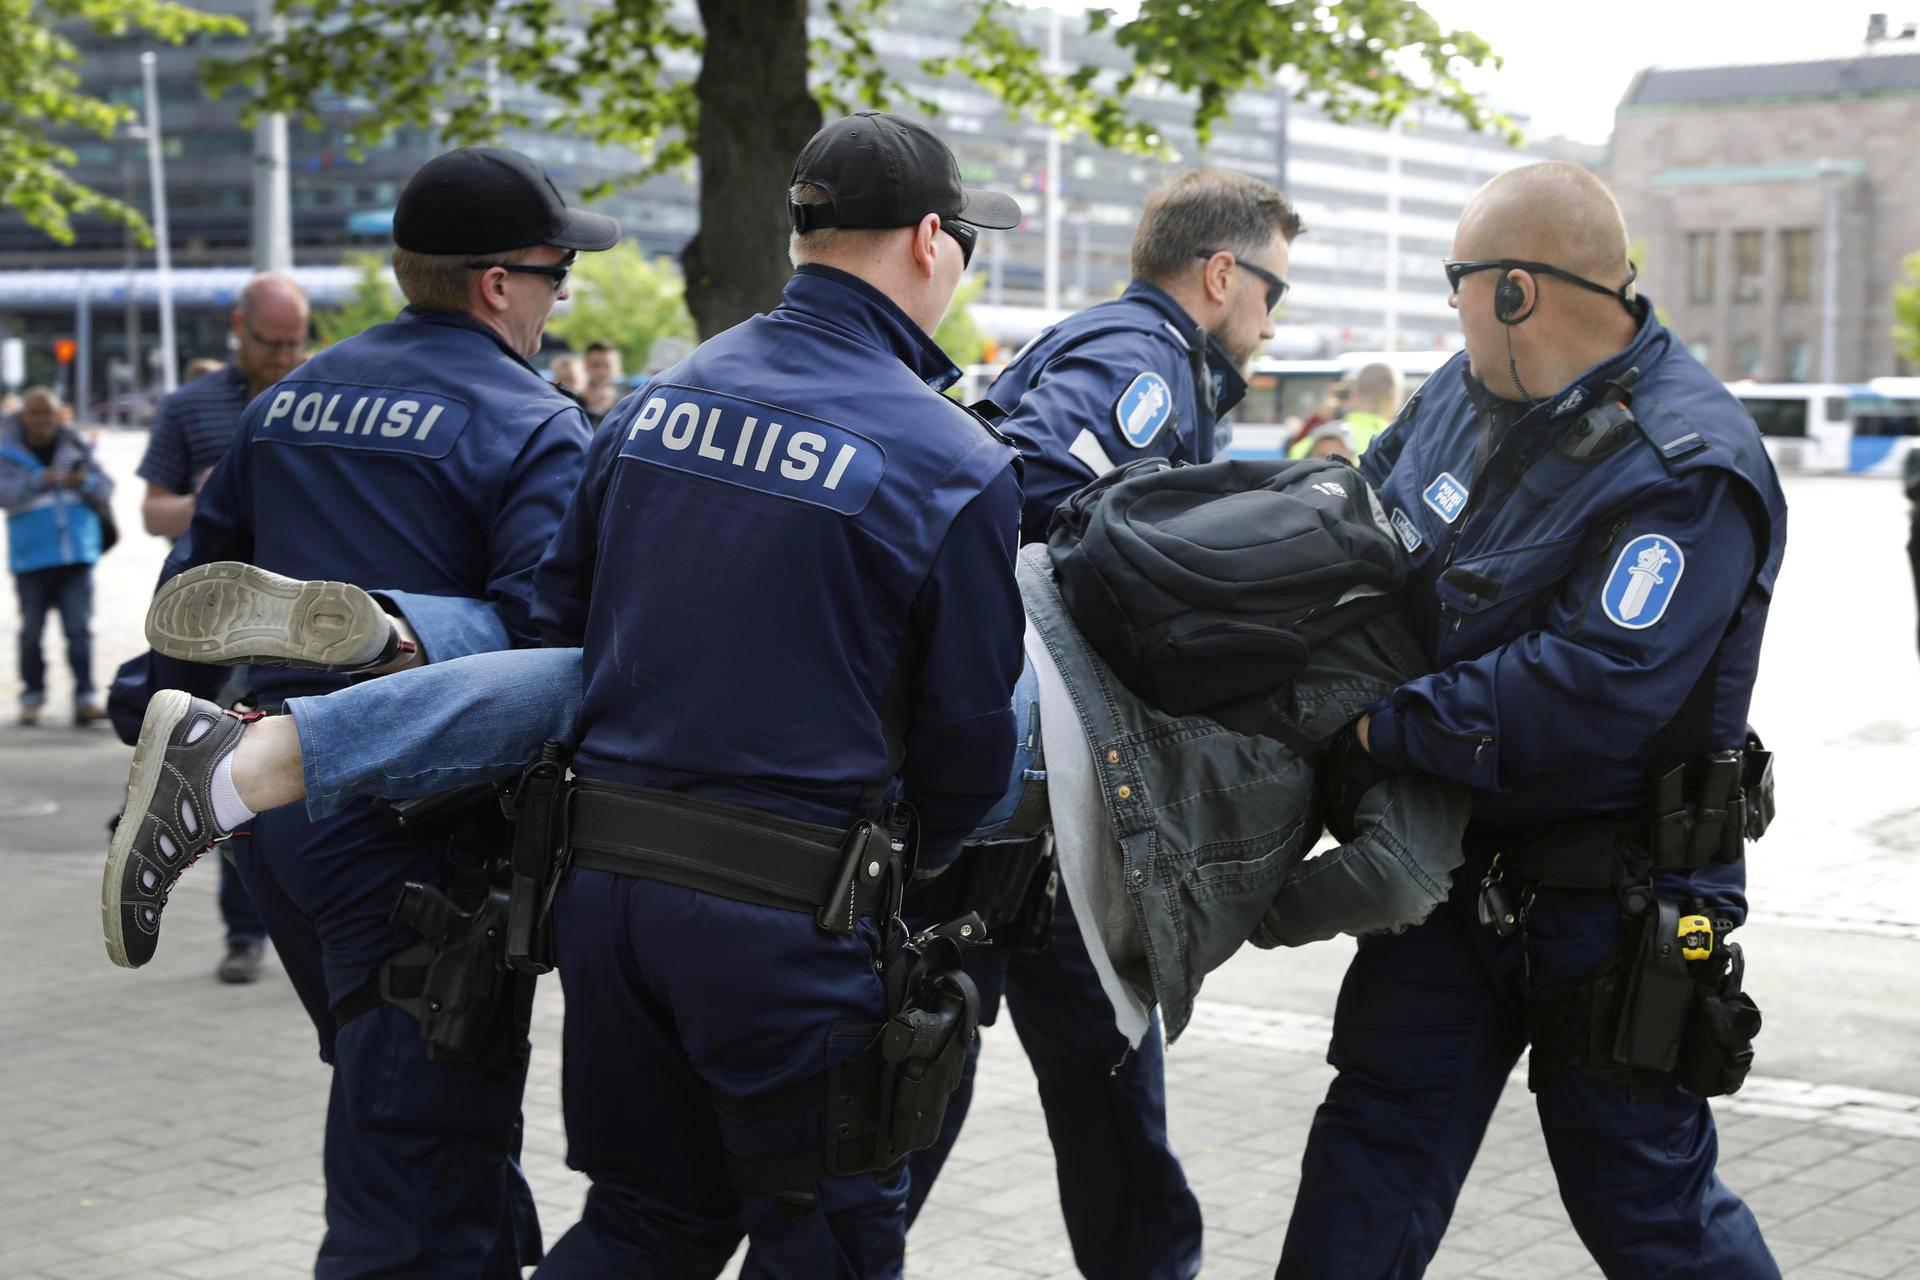 Poliisi Itä-Suomi